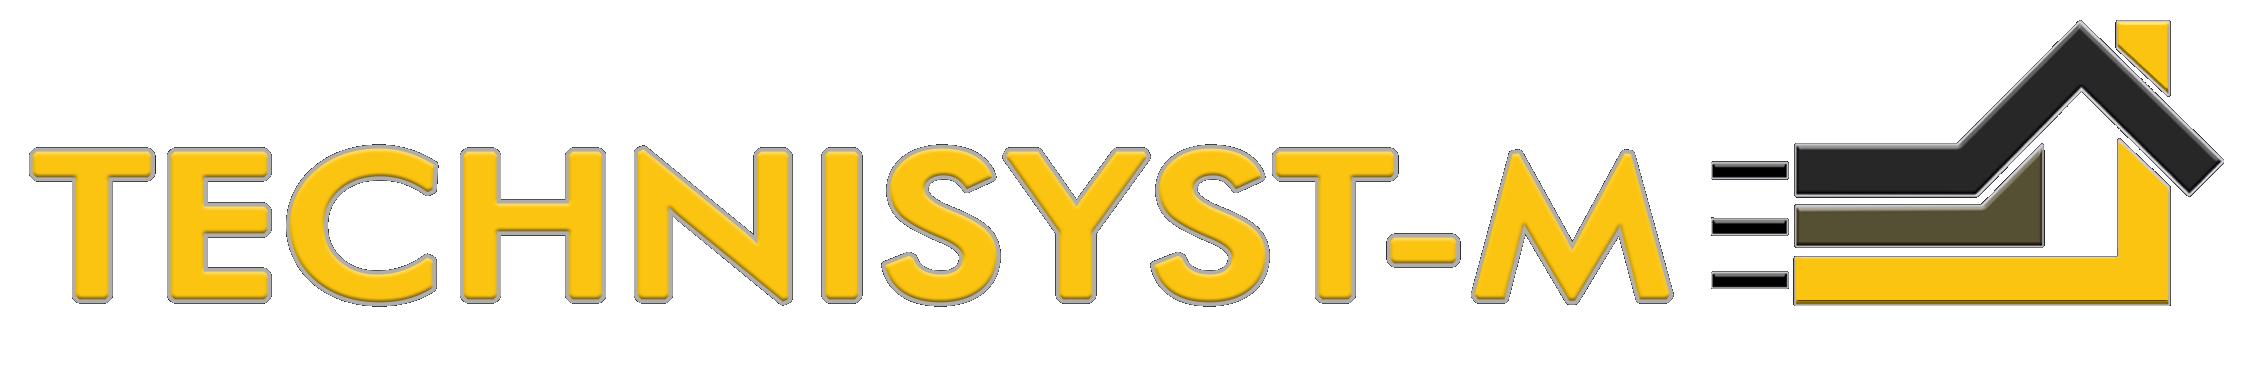 Technisystem – Maîtrise d'ouvrage